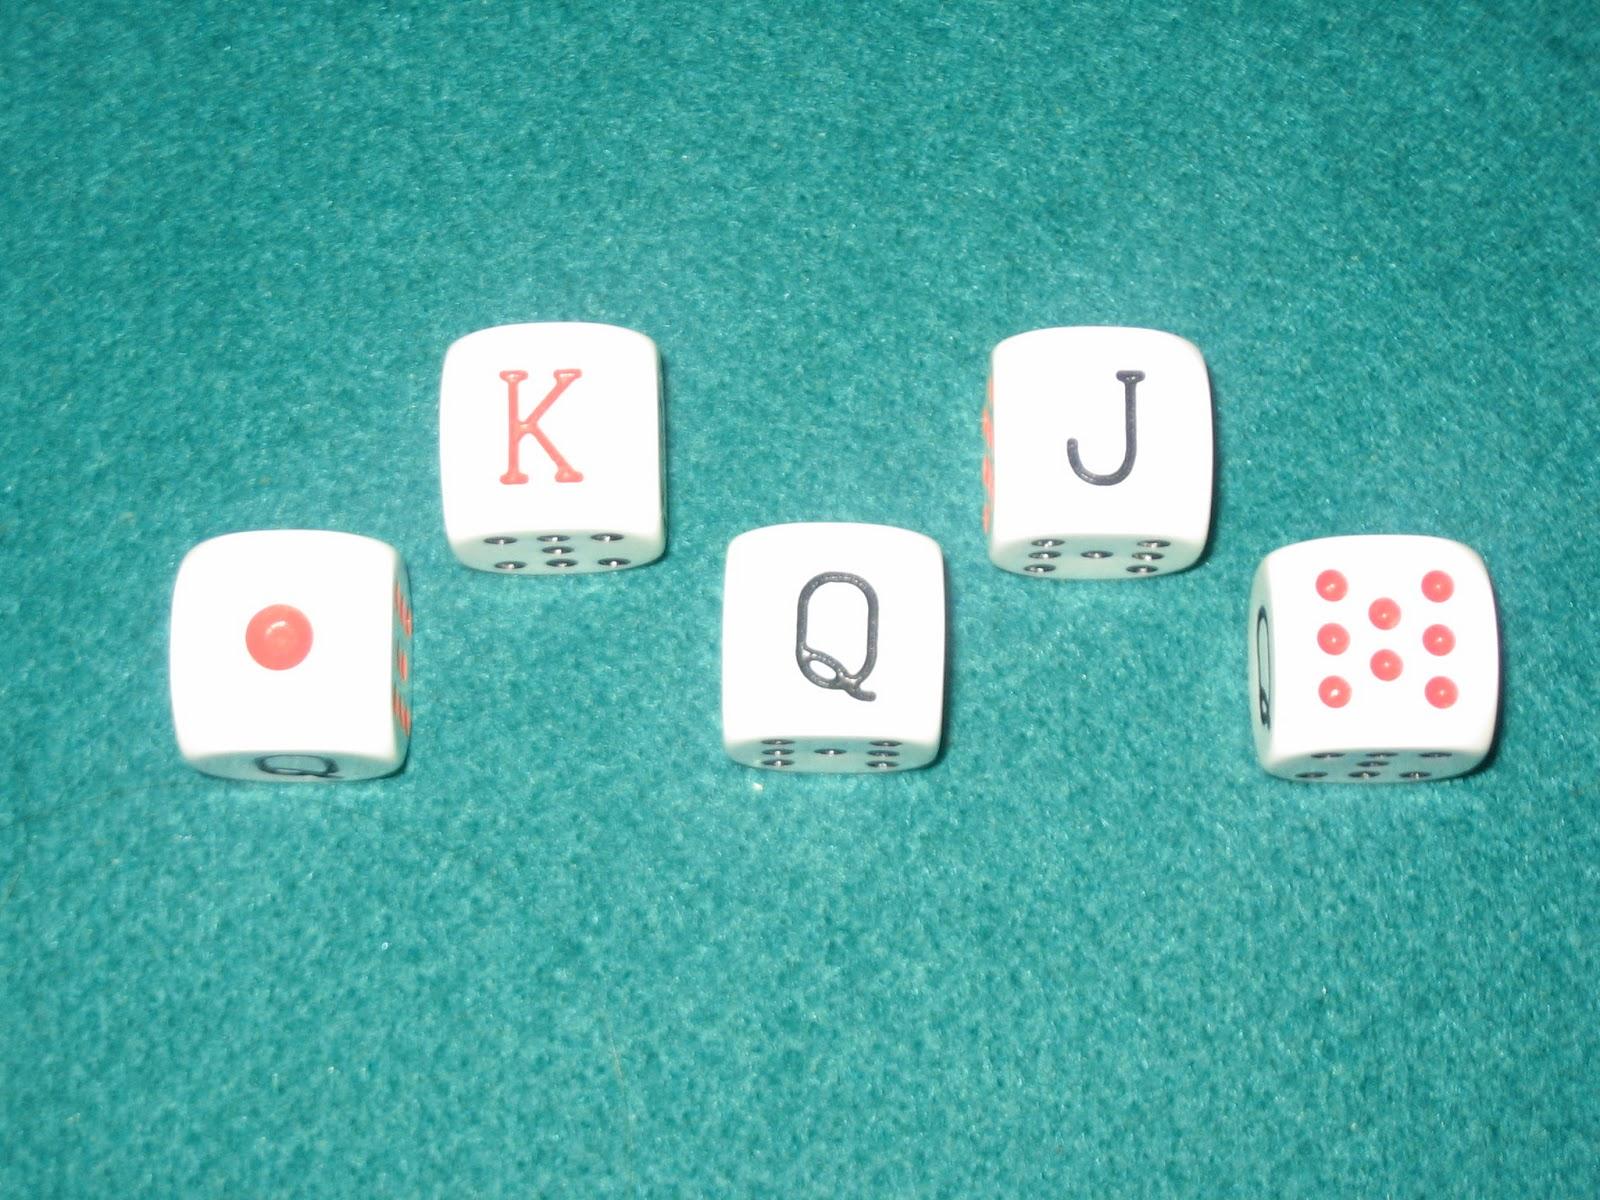 Tipos de poker uegos de Rabcat-133673